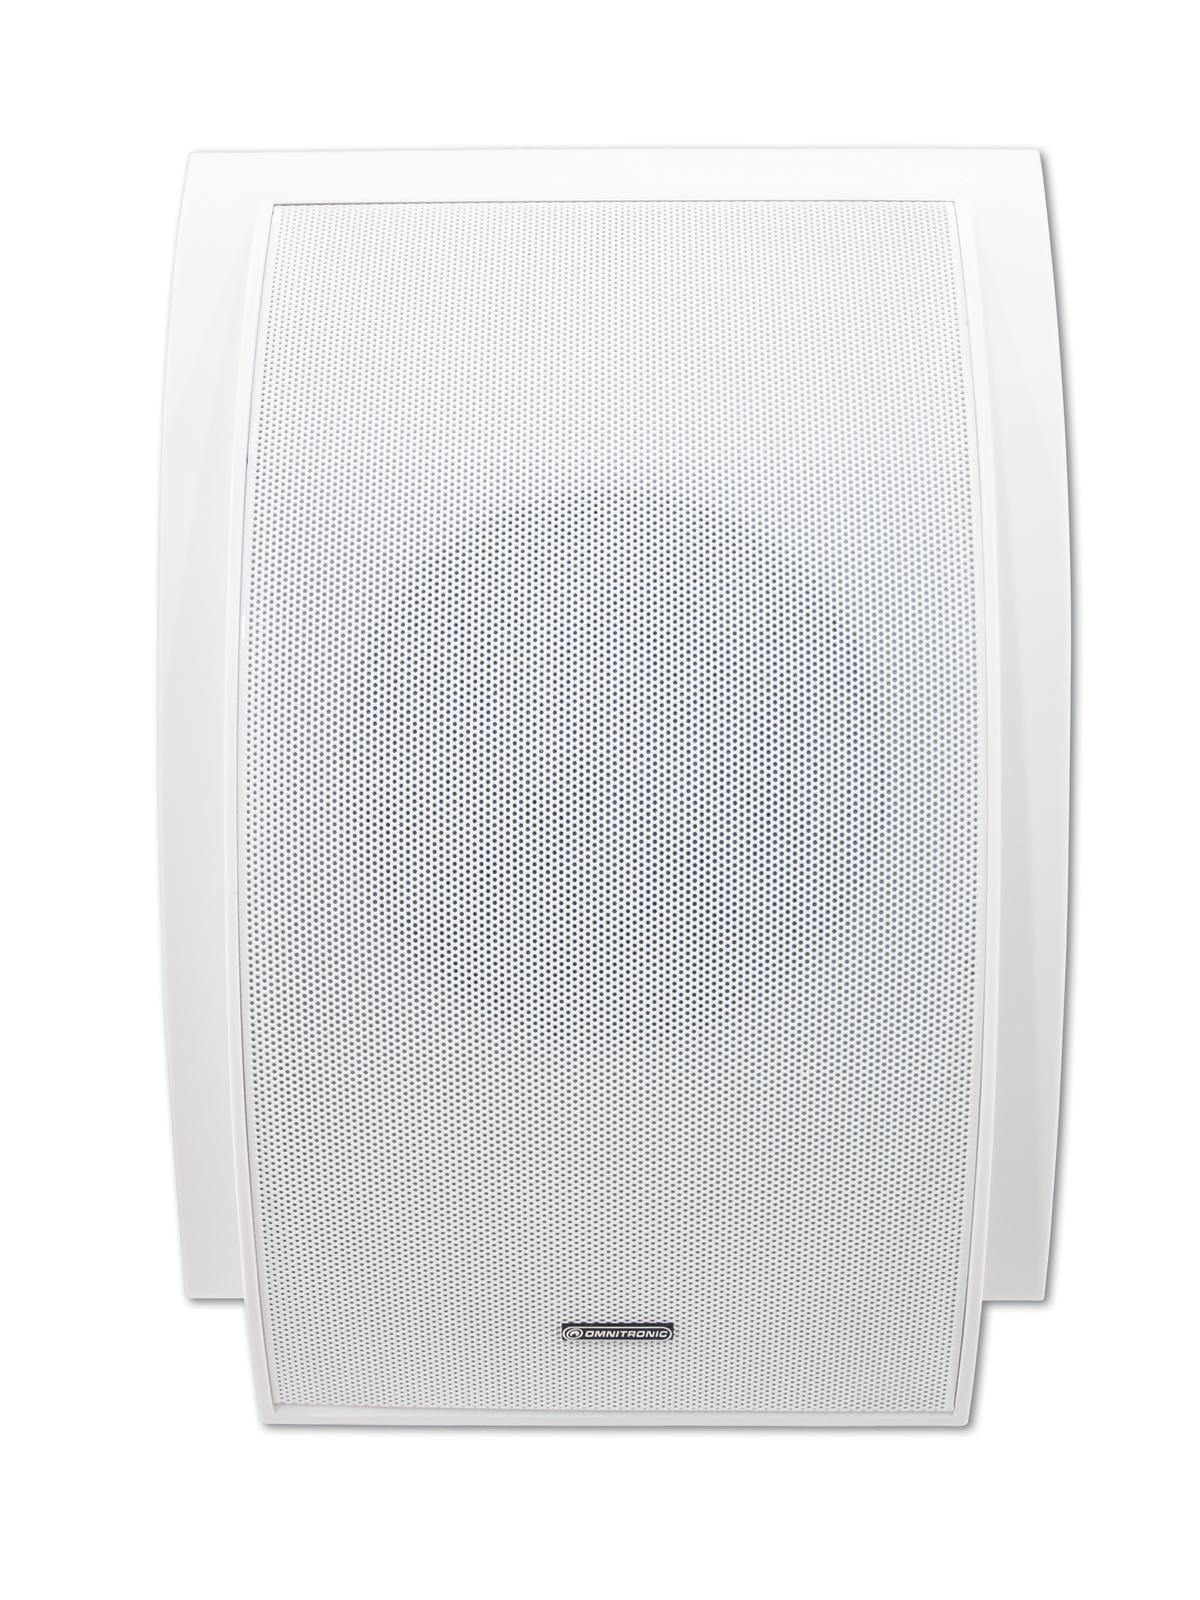 Cassa diffusore da soffitto parete 6 watt OMNITRONIC WC-2  PA  bianca